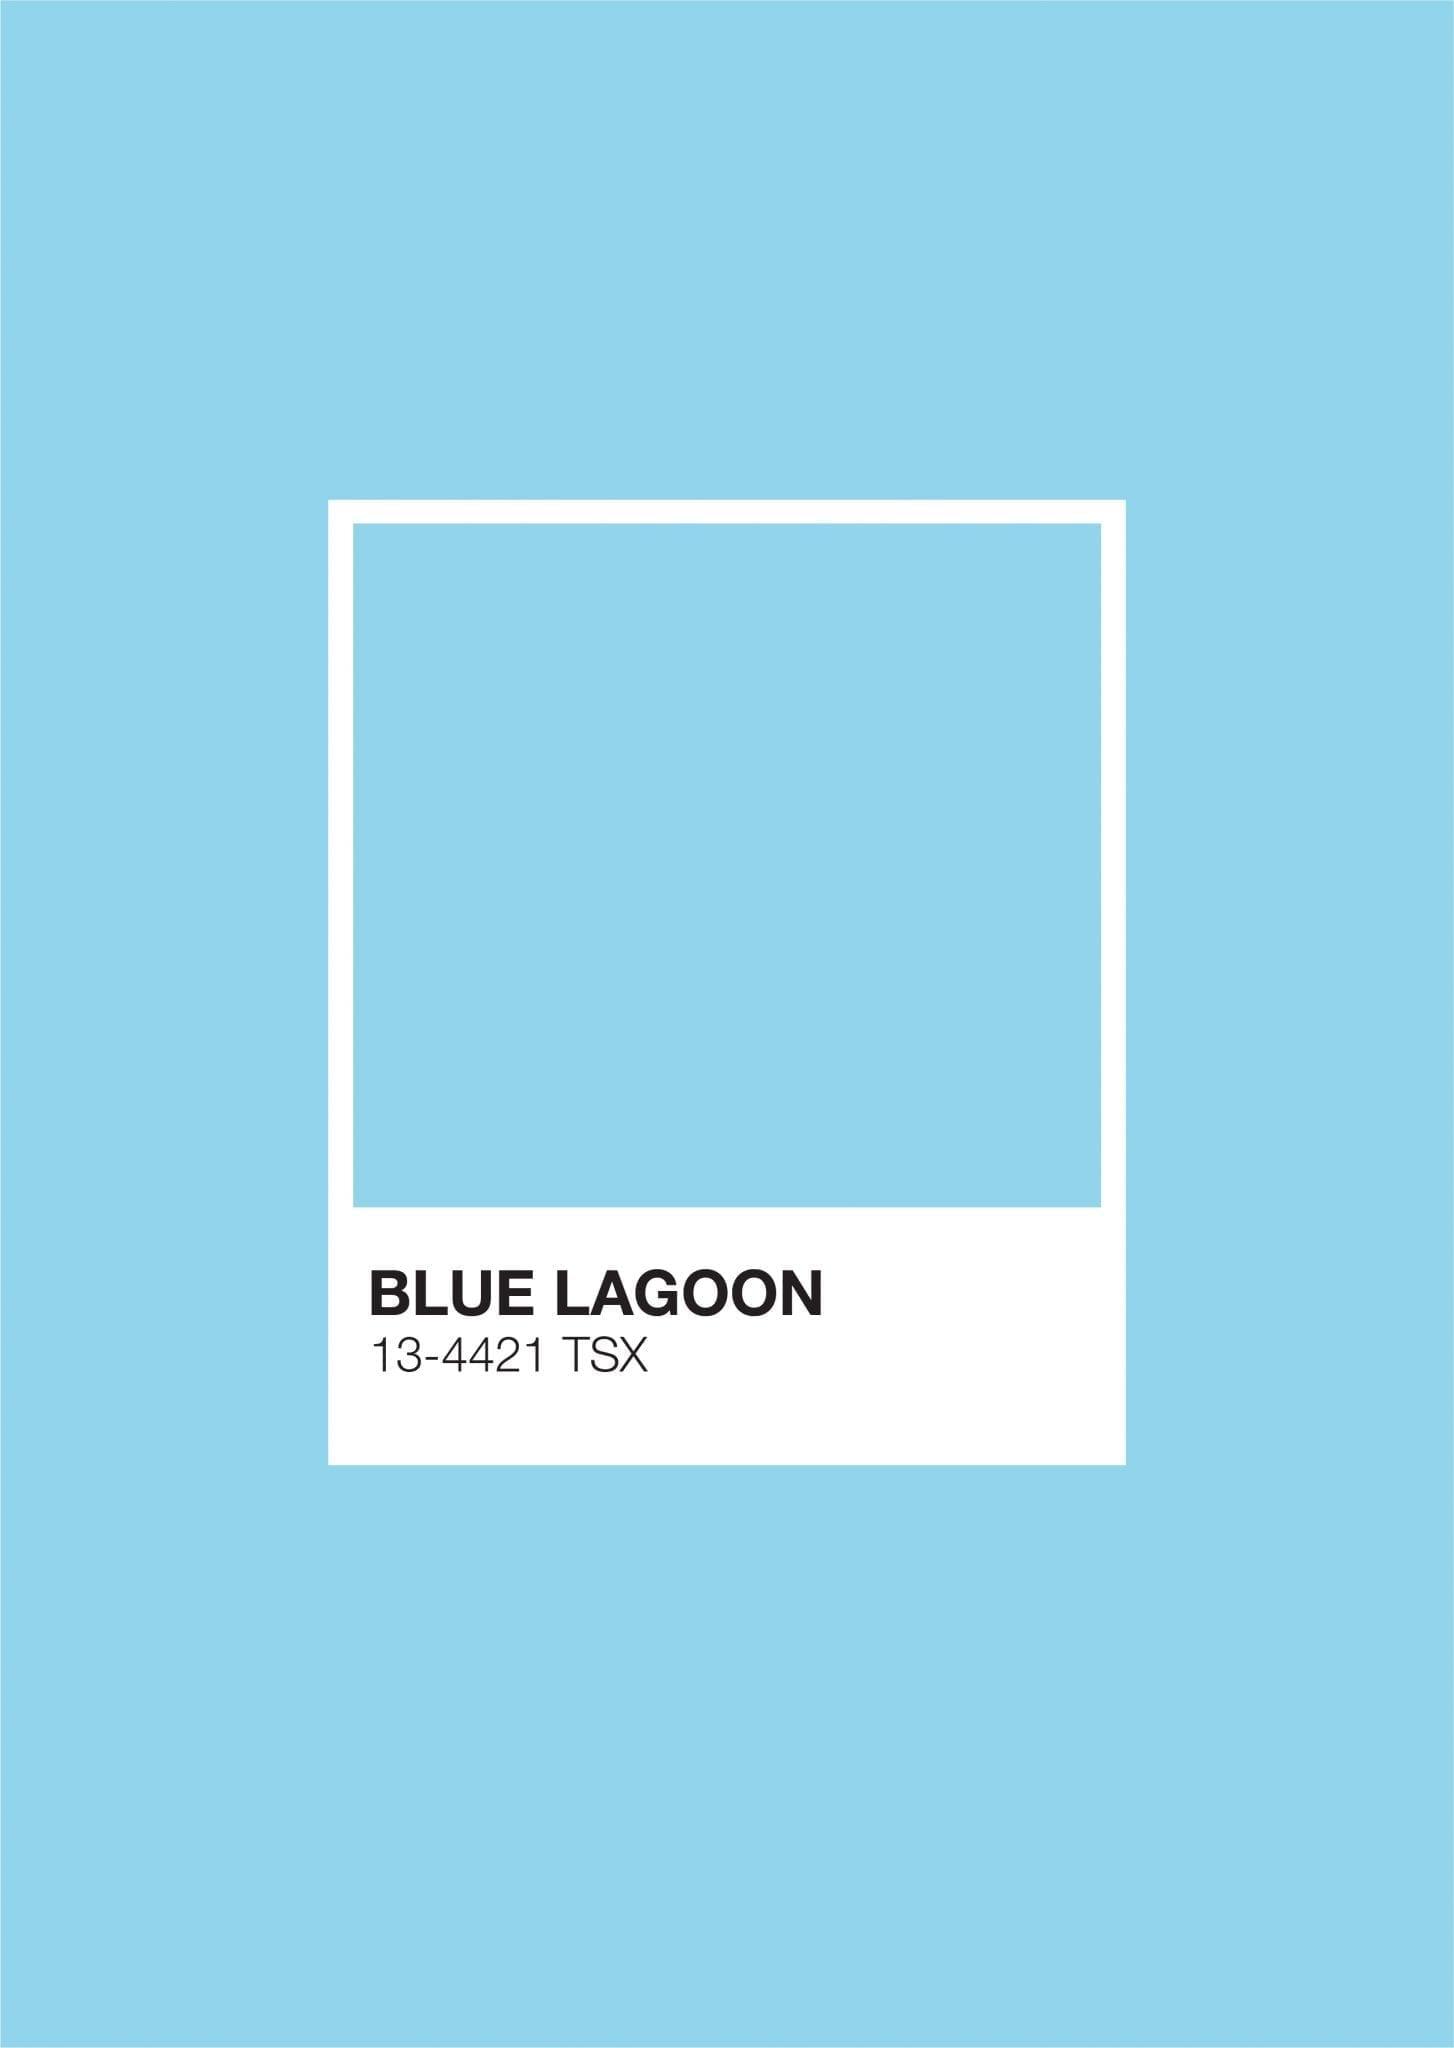 Iceland Pantone: Blue Lagoon